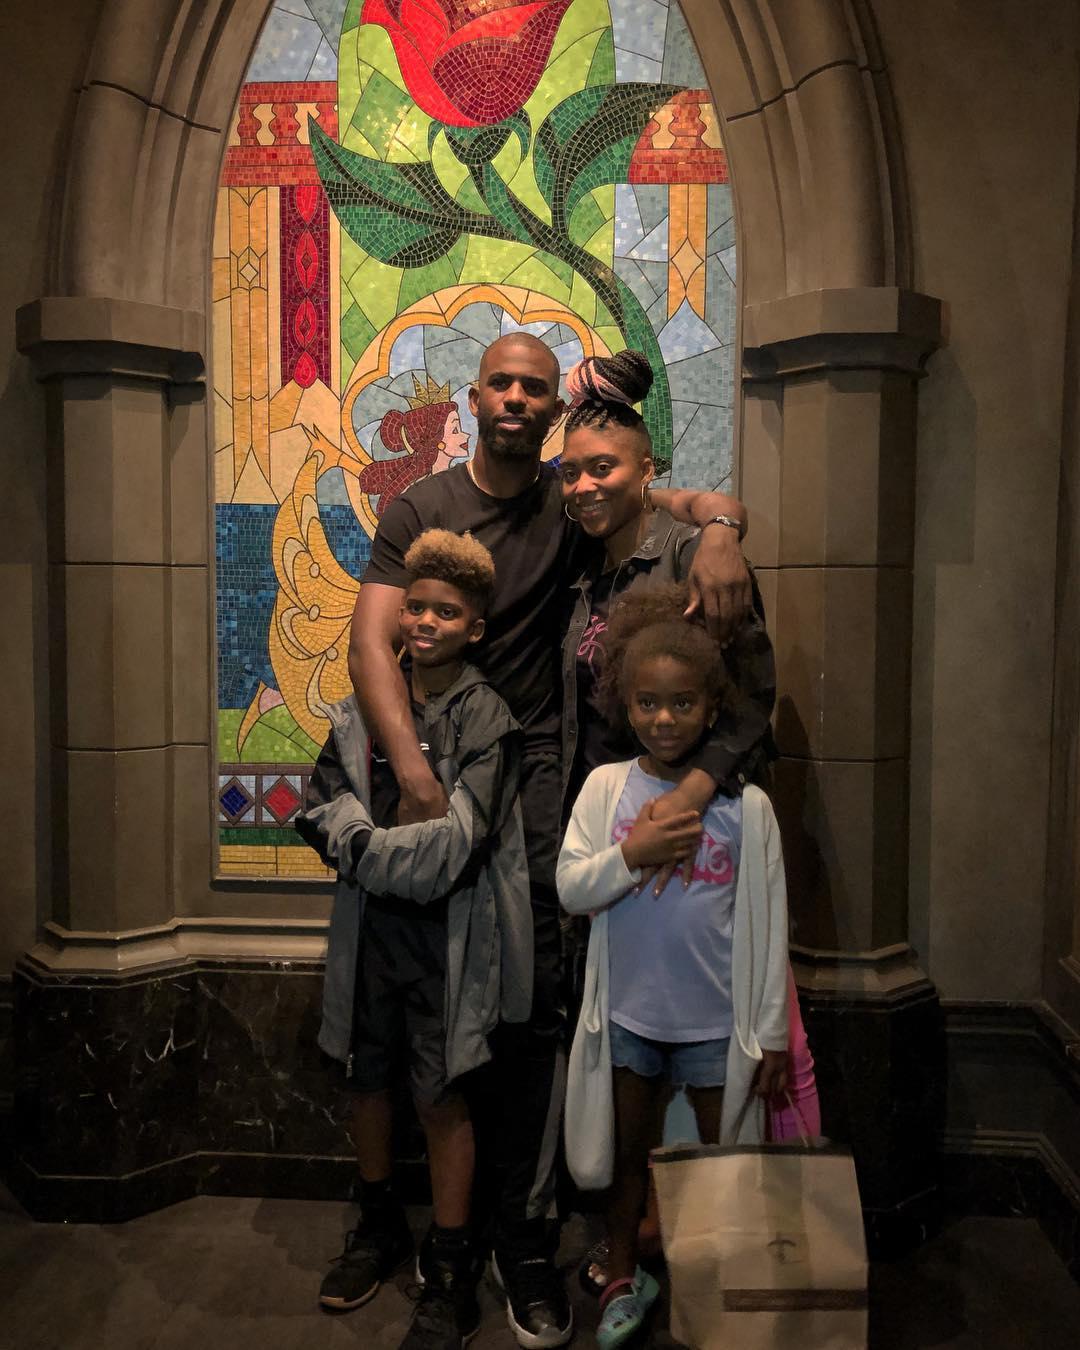 迪士尼世界玩耍在陪同家人!保罗跟家人一路